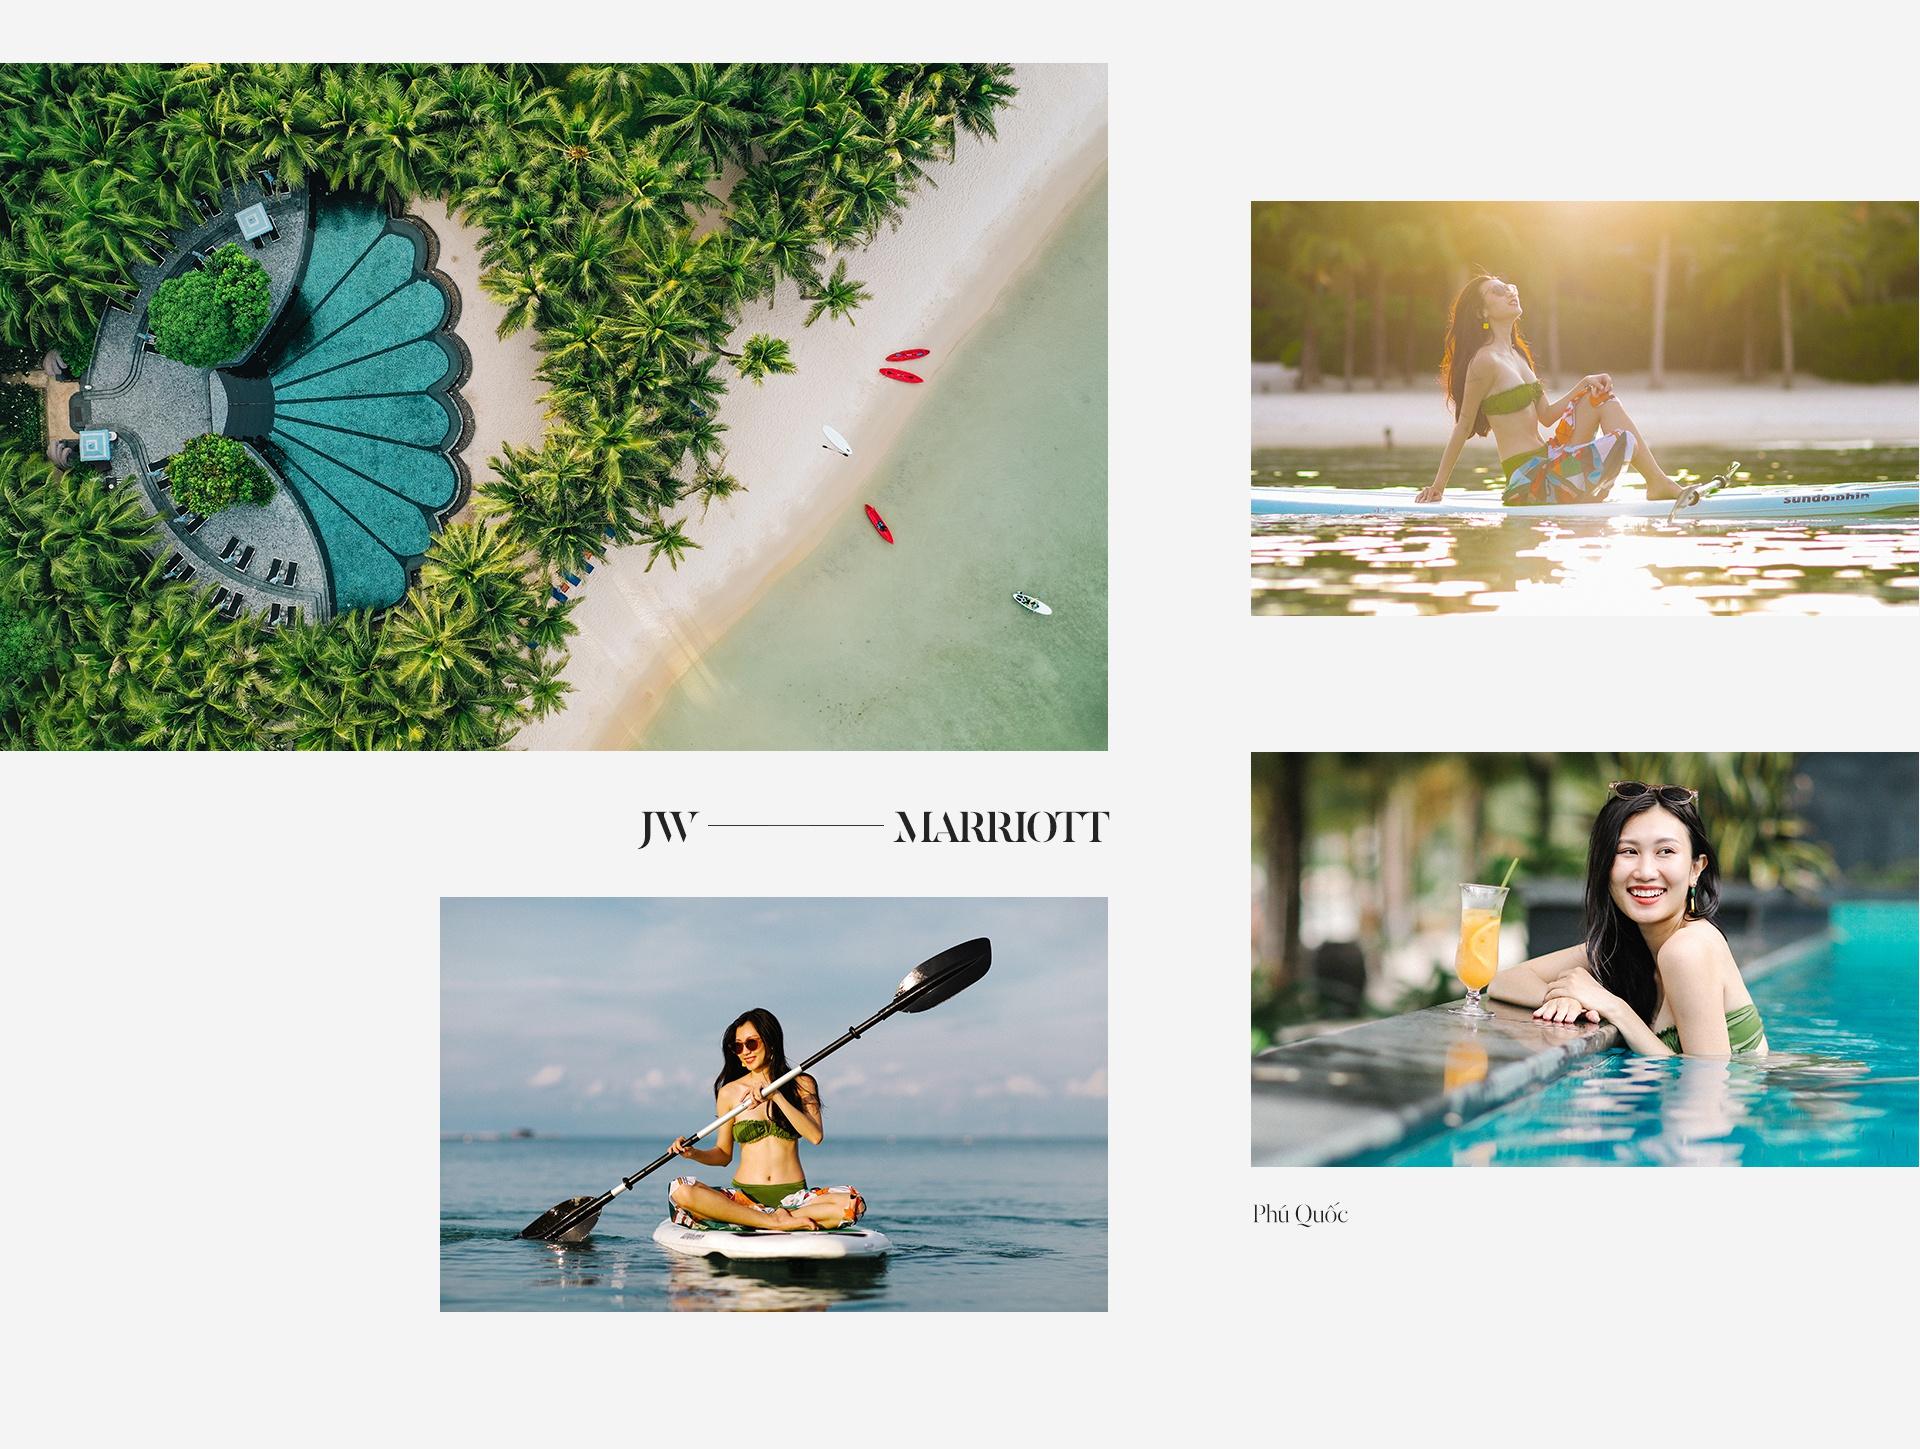 Đánh giá Marriott Phú Quốc - khu nghỉ hạng sang chục triệu đồng/đêm - Ảnh 14.